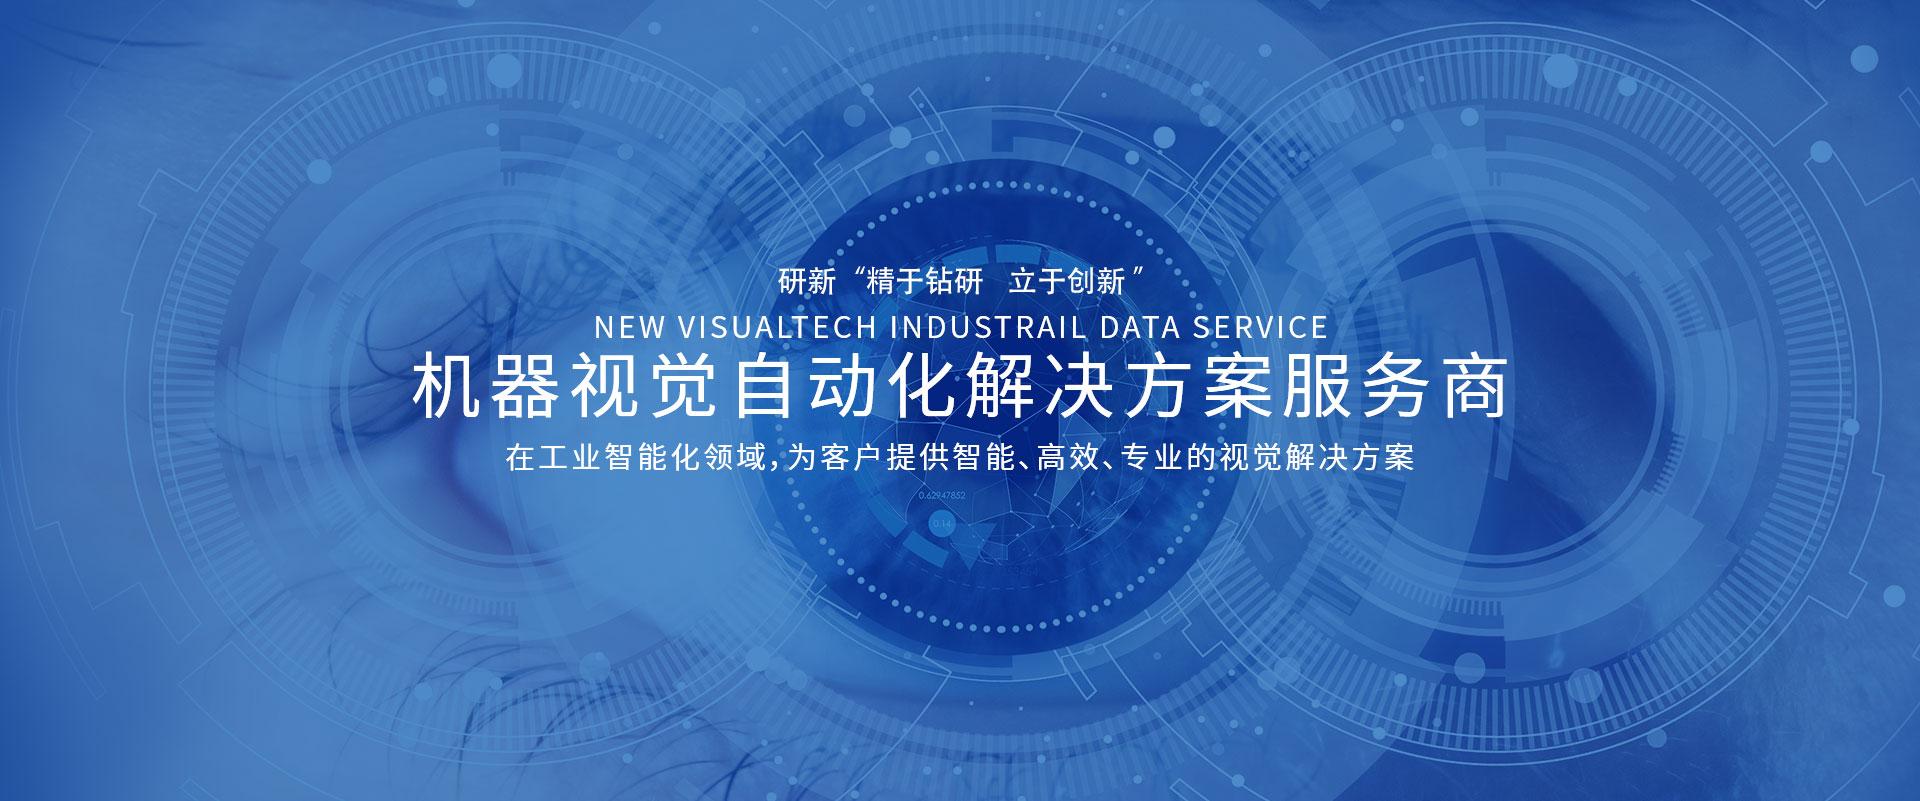 视觉检测设备公司